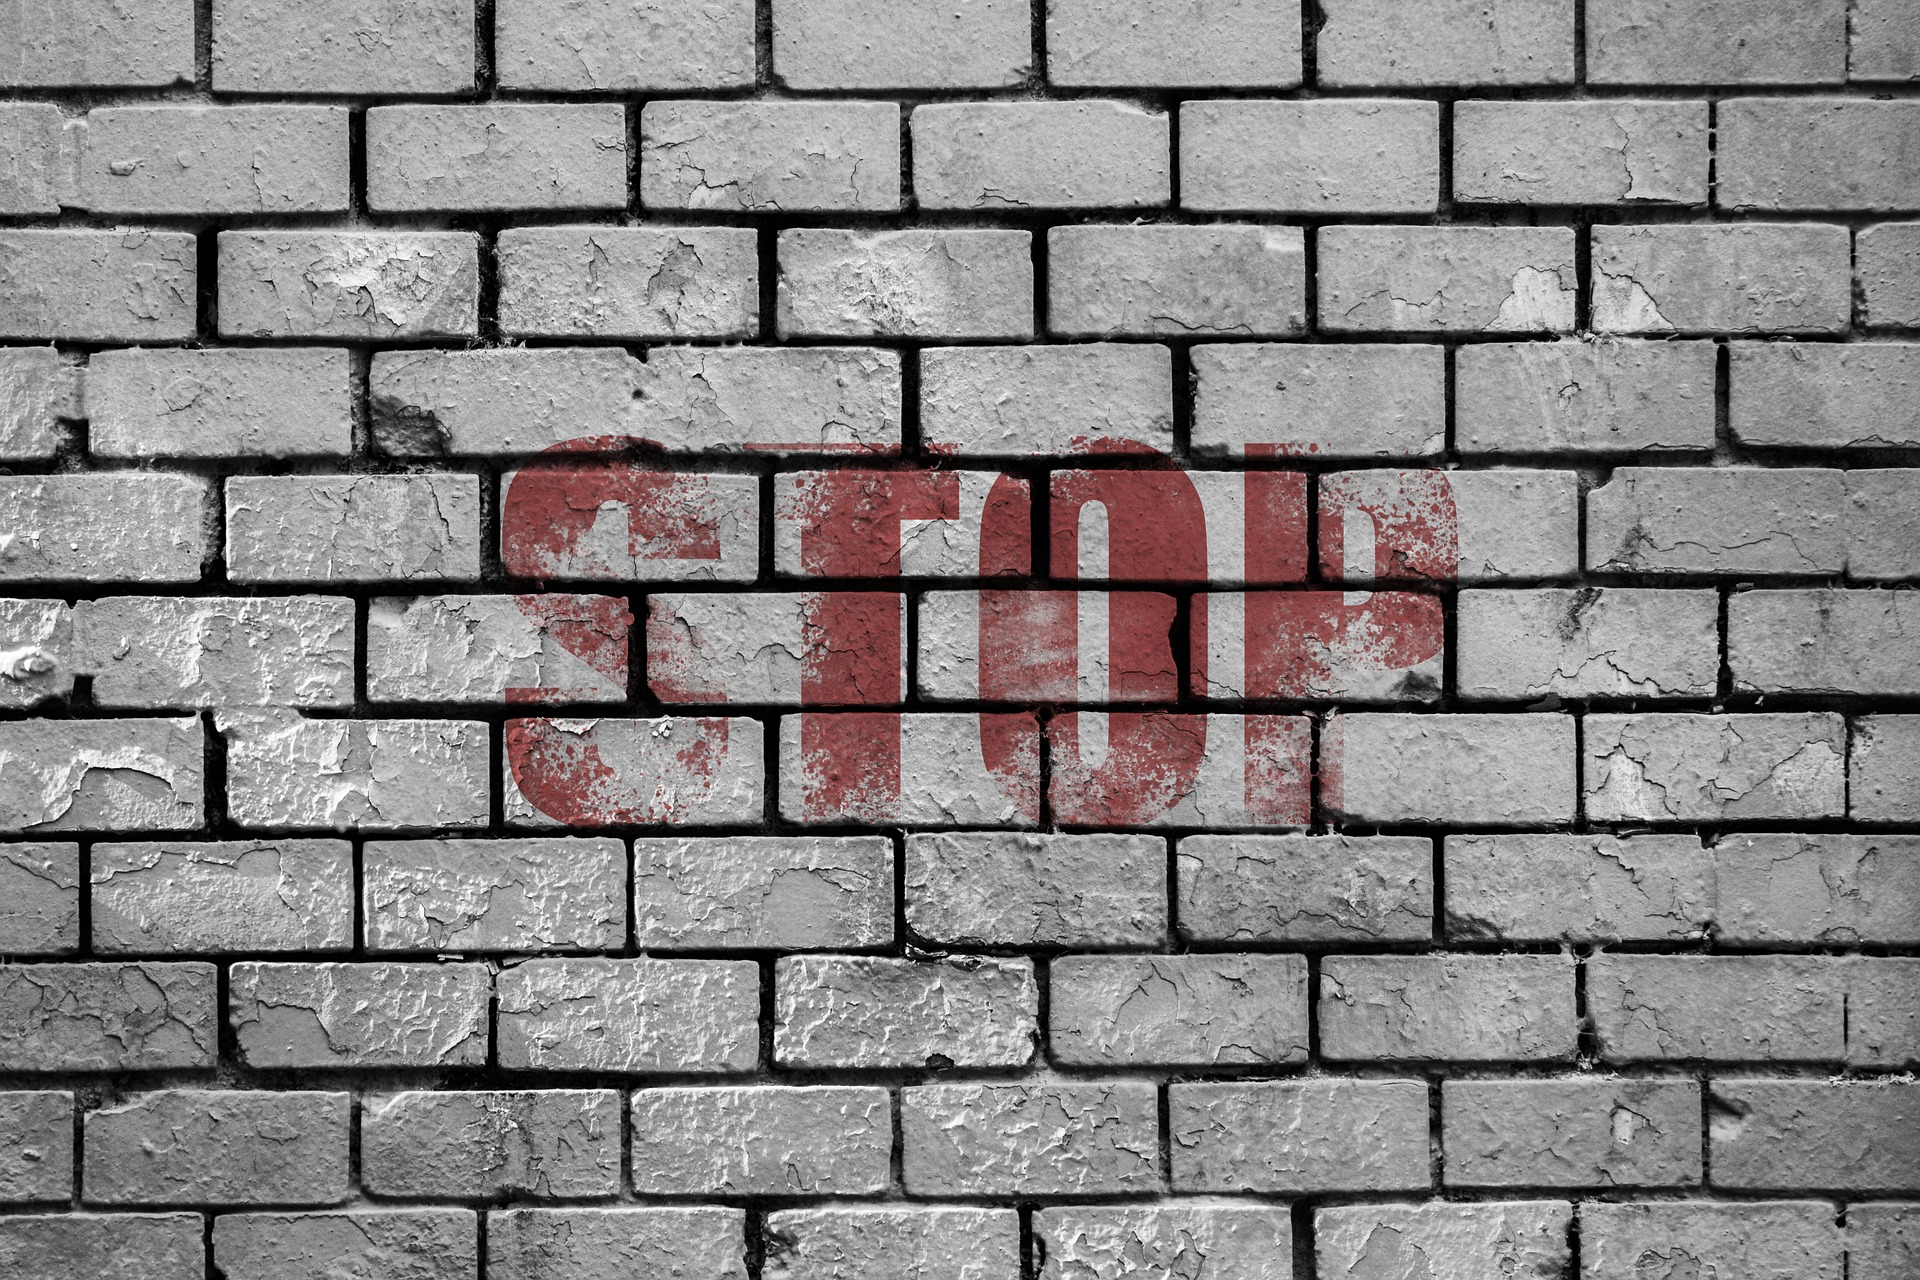 wall-1312336_1920